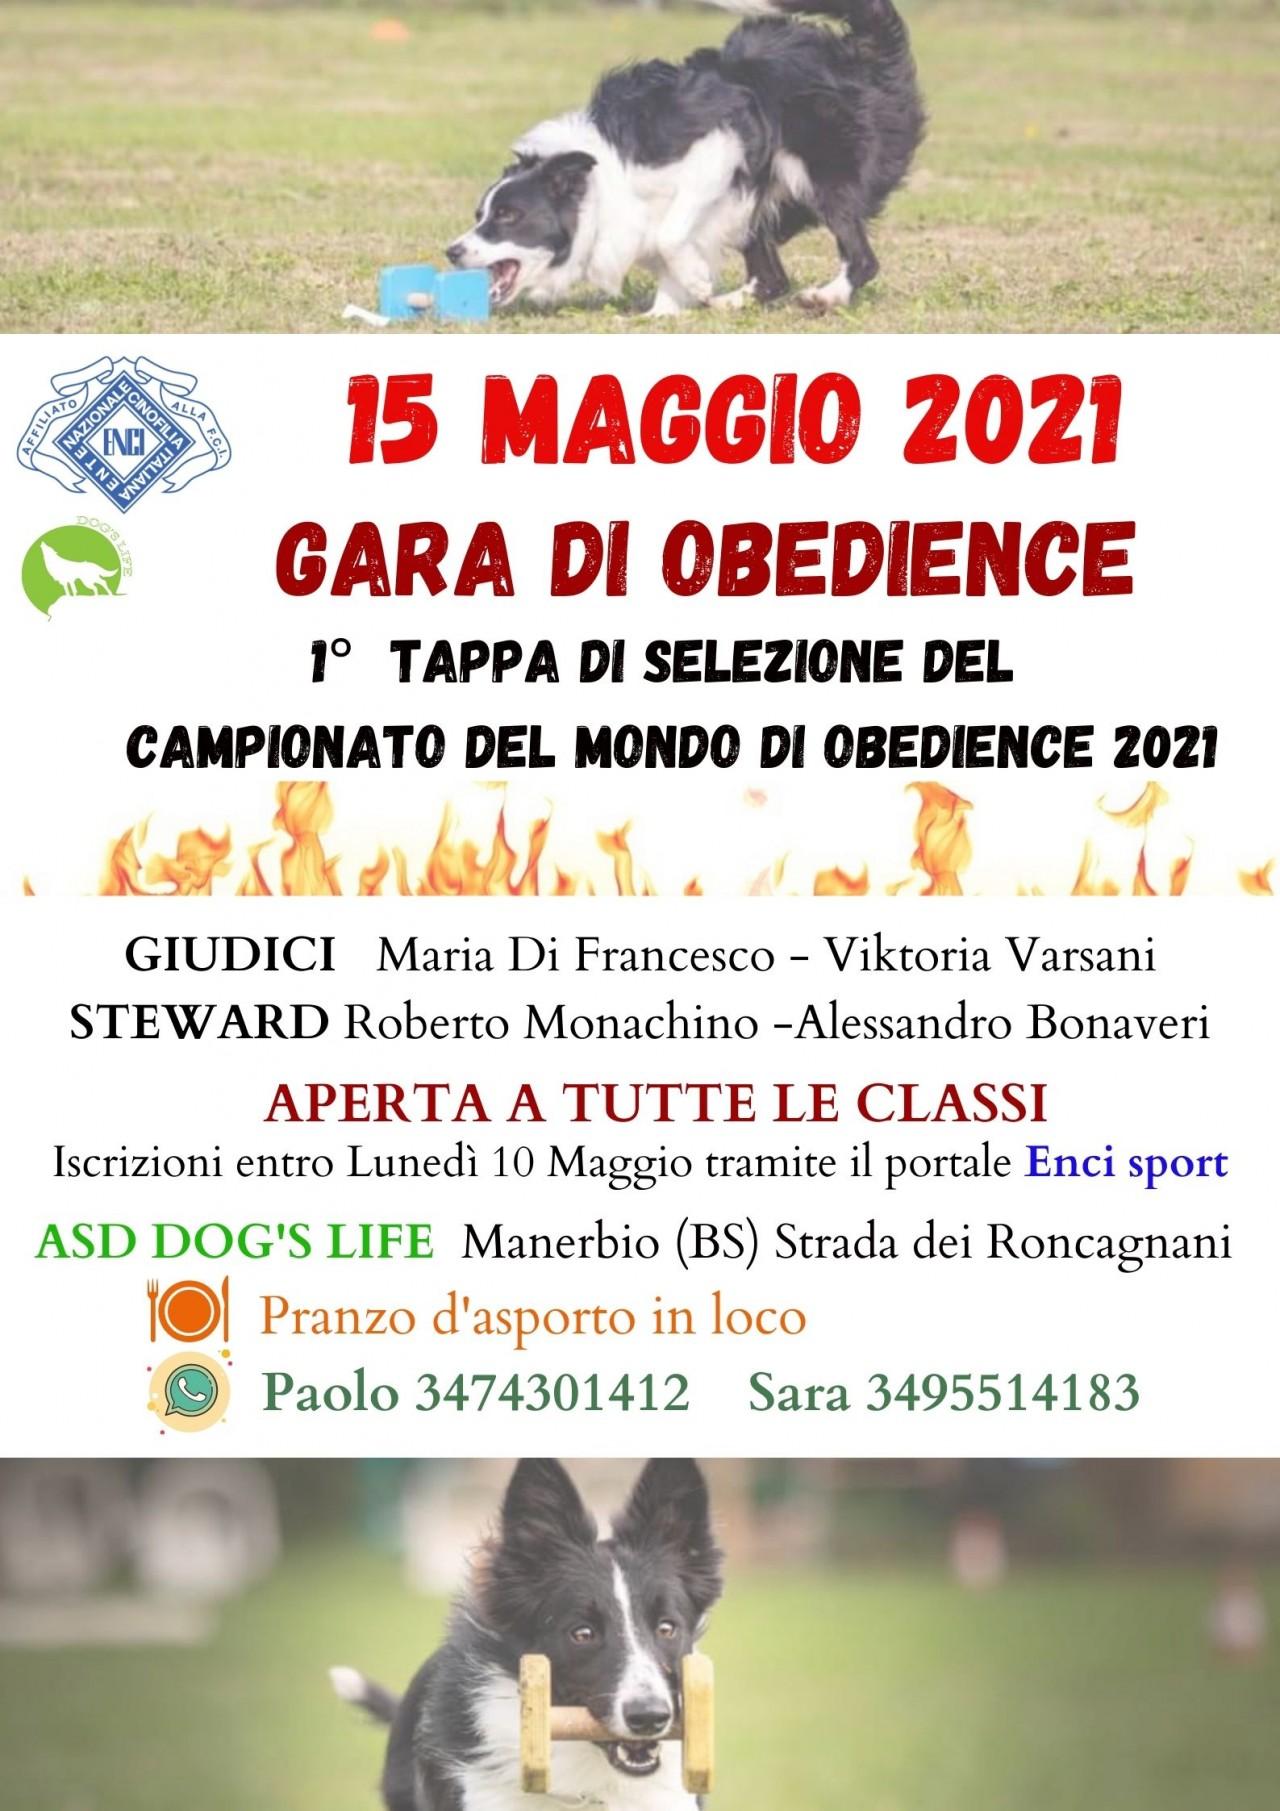 GARA DI OBEDIENCE SABATO 15 MAGGIO 2021